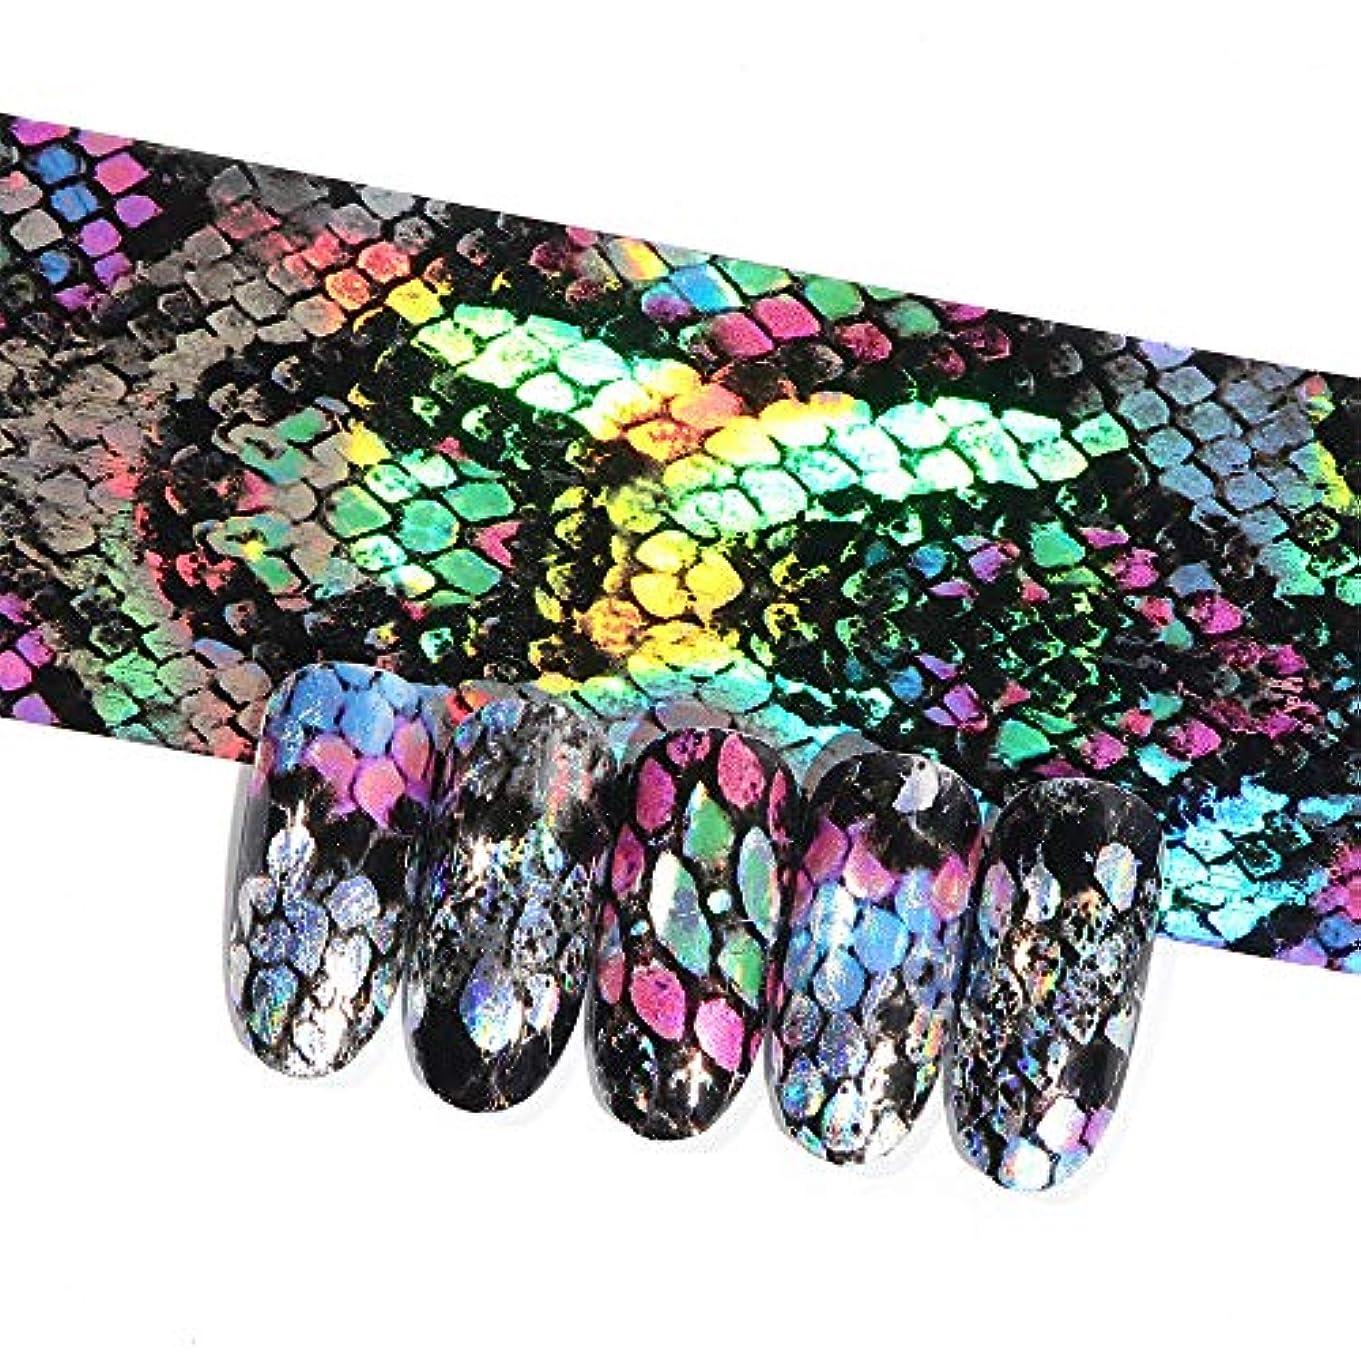 人道的湿度概要16ピースホログラフィック蛇行ネイル転写箔ステッカーヘビレーザーミックス色粘着ネイルアートフルラップ装飾